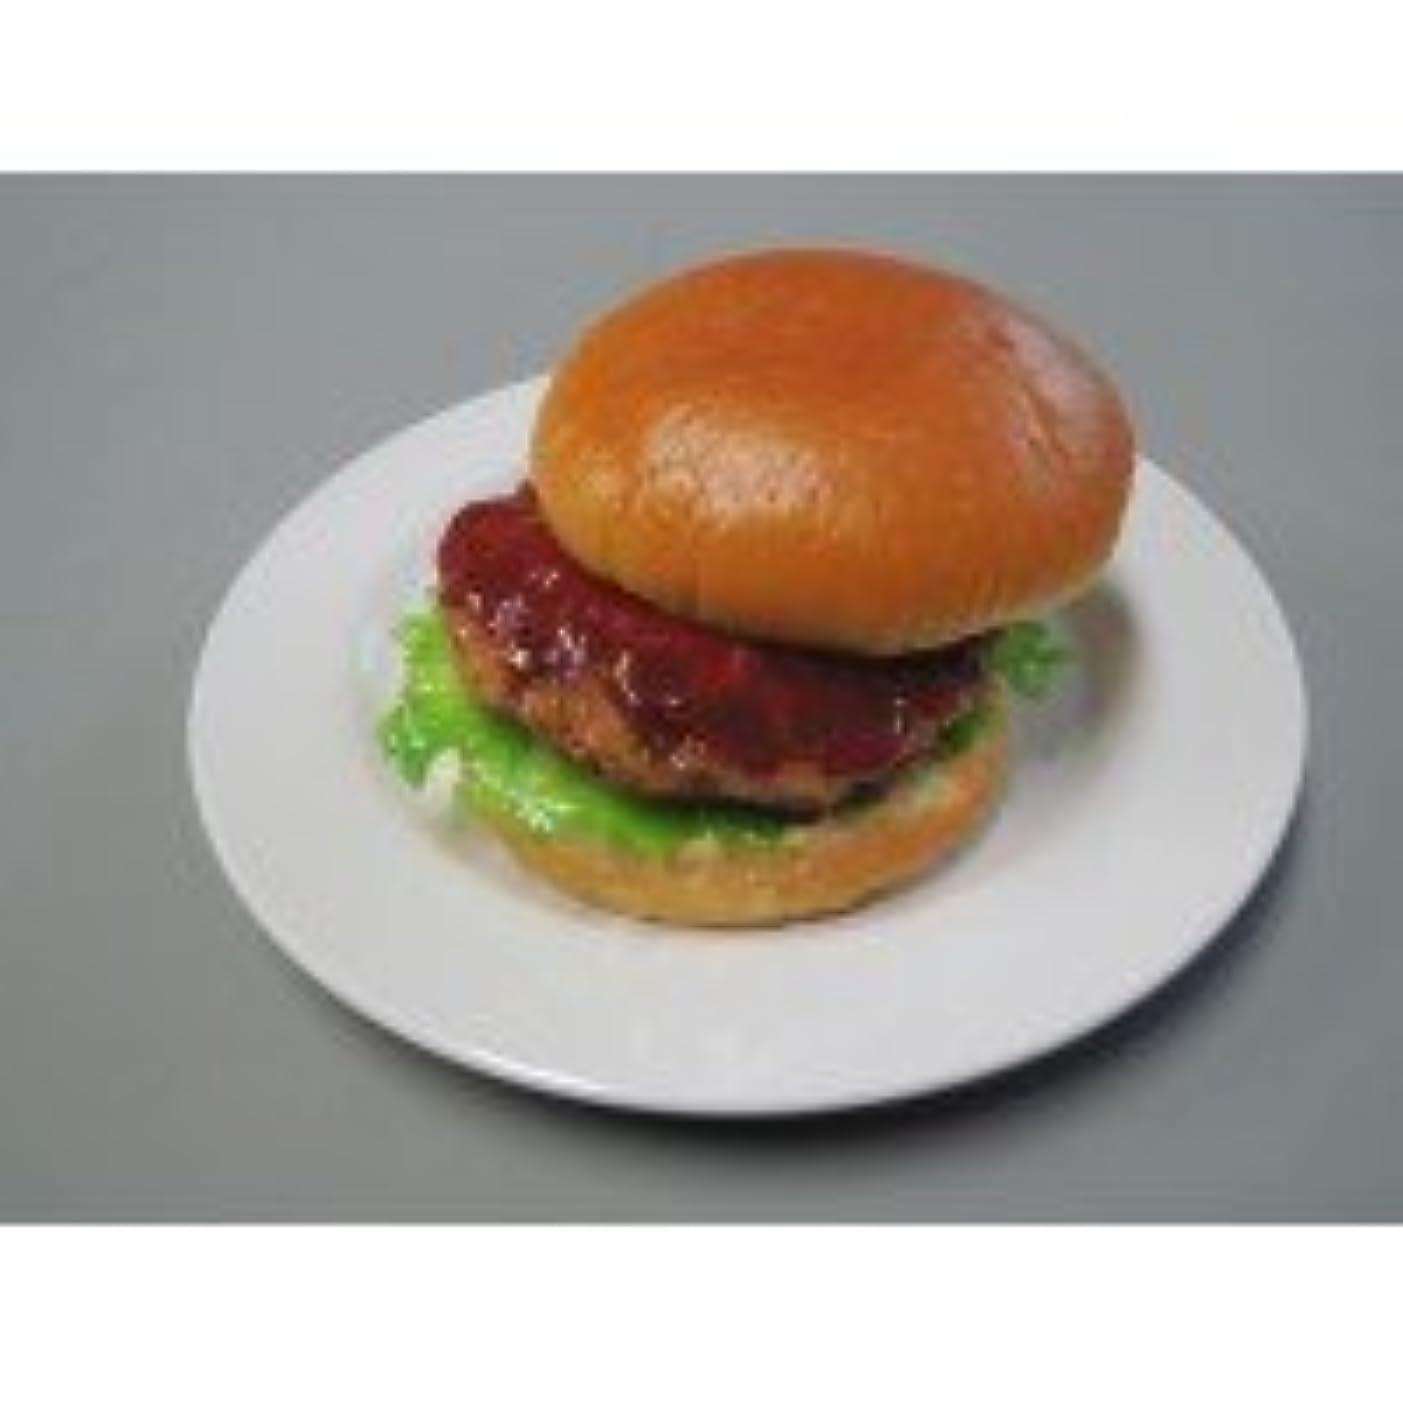 揺れる野菜代わりの日本職人が作る 食品サンプル ハンバーガー IP-198